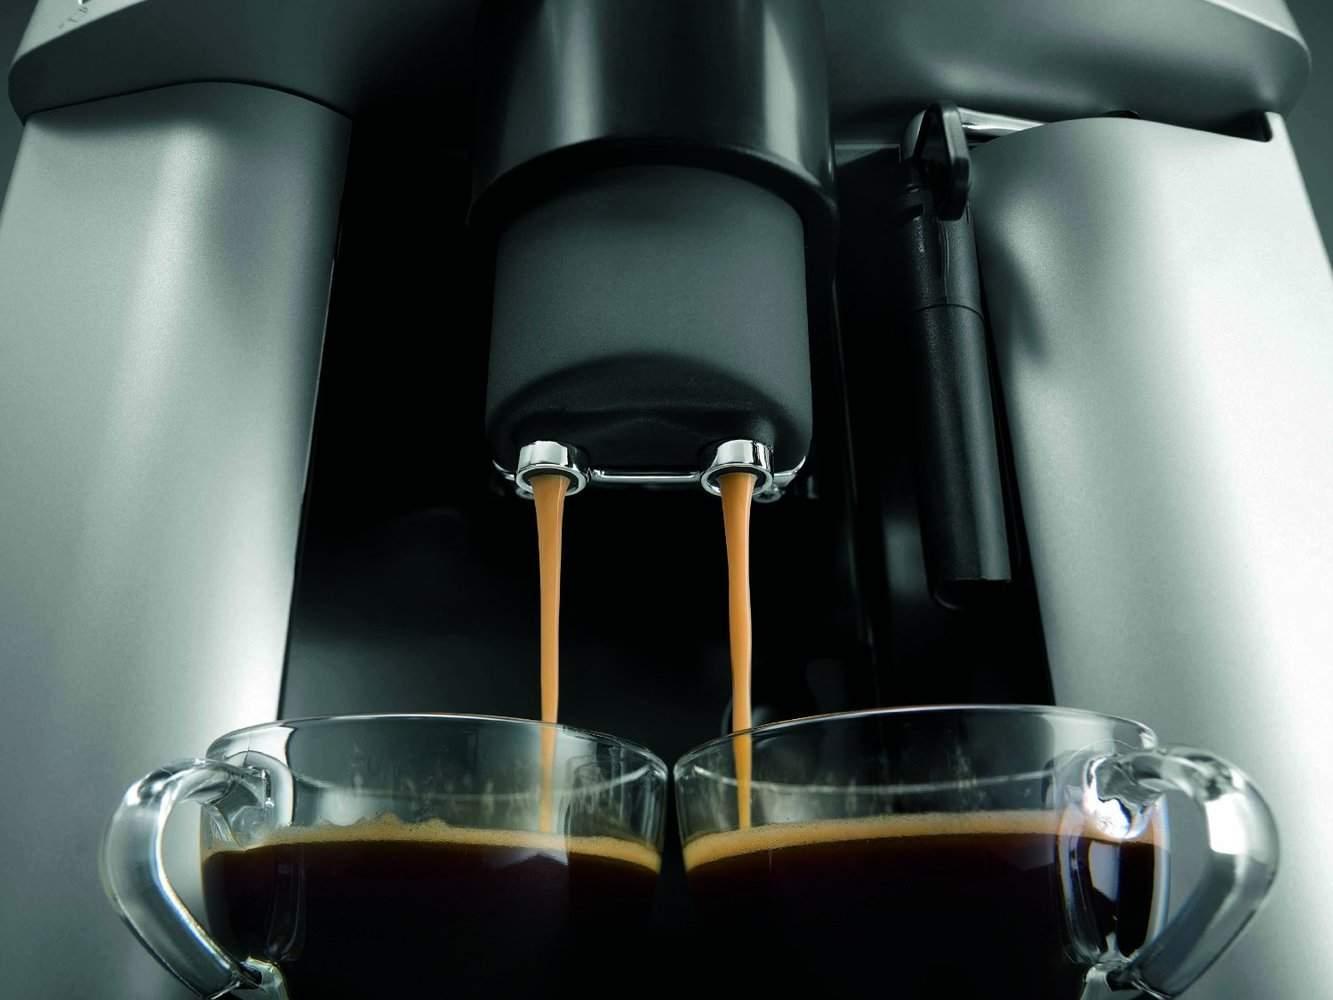 Detalle del dispensador de la cafetera Delonghi ESAM 3000 Magnifica